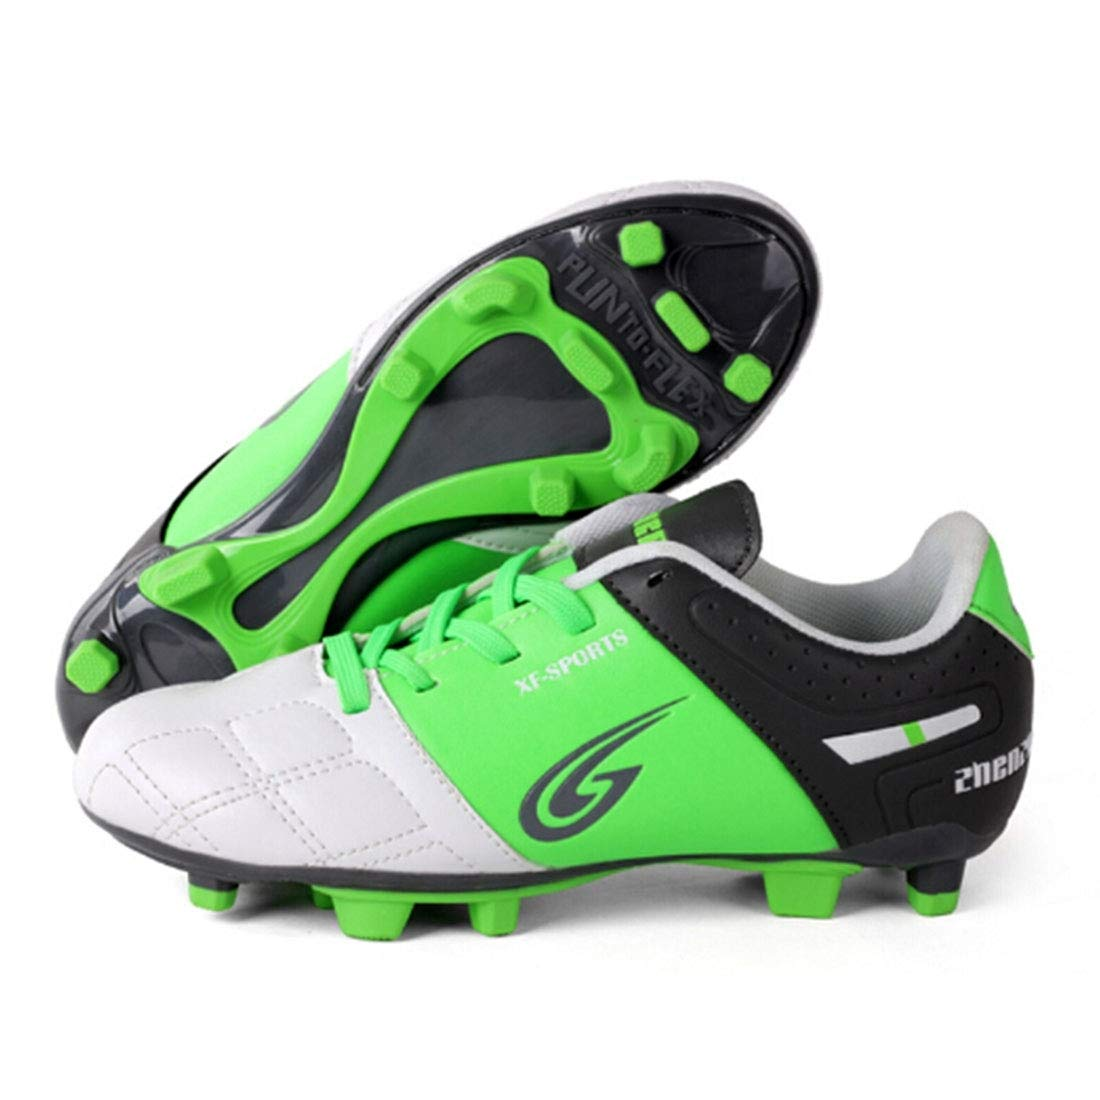 CELINEZL Le Football Brille Chaussures de Football pour Enfants avec entraîneHommest Sportif Professionnel en Plein air, Taille UE  38 (Vert)